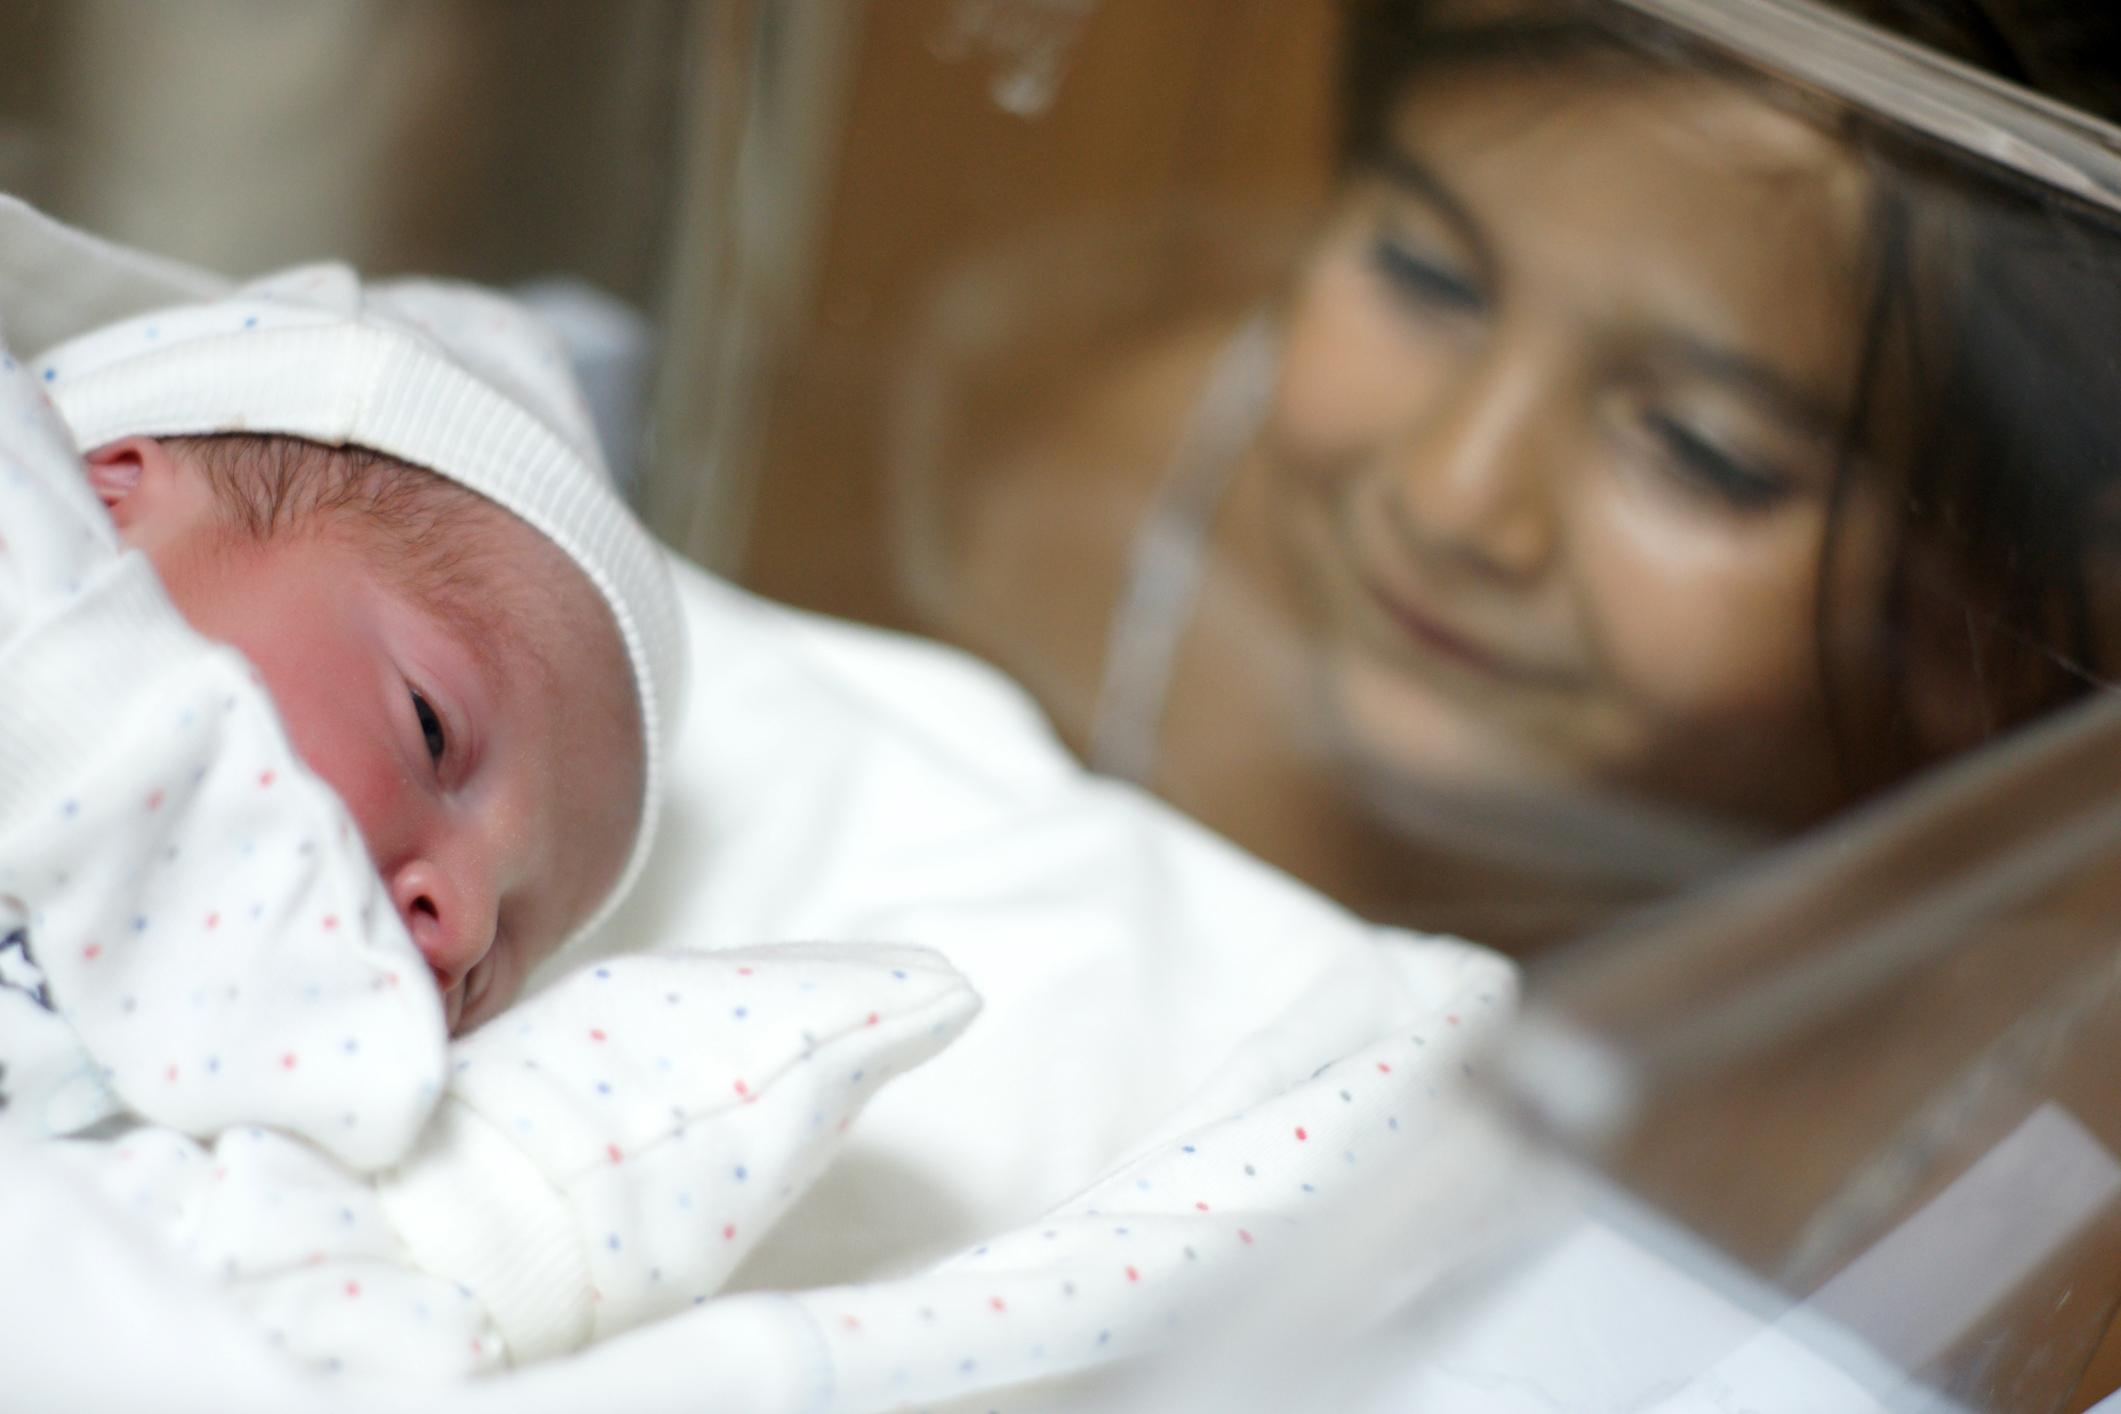 Little-girl-watching-her-newborn-brother-173713724_2122x1415.jpeg